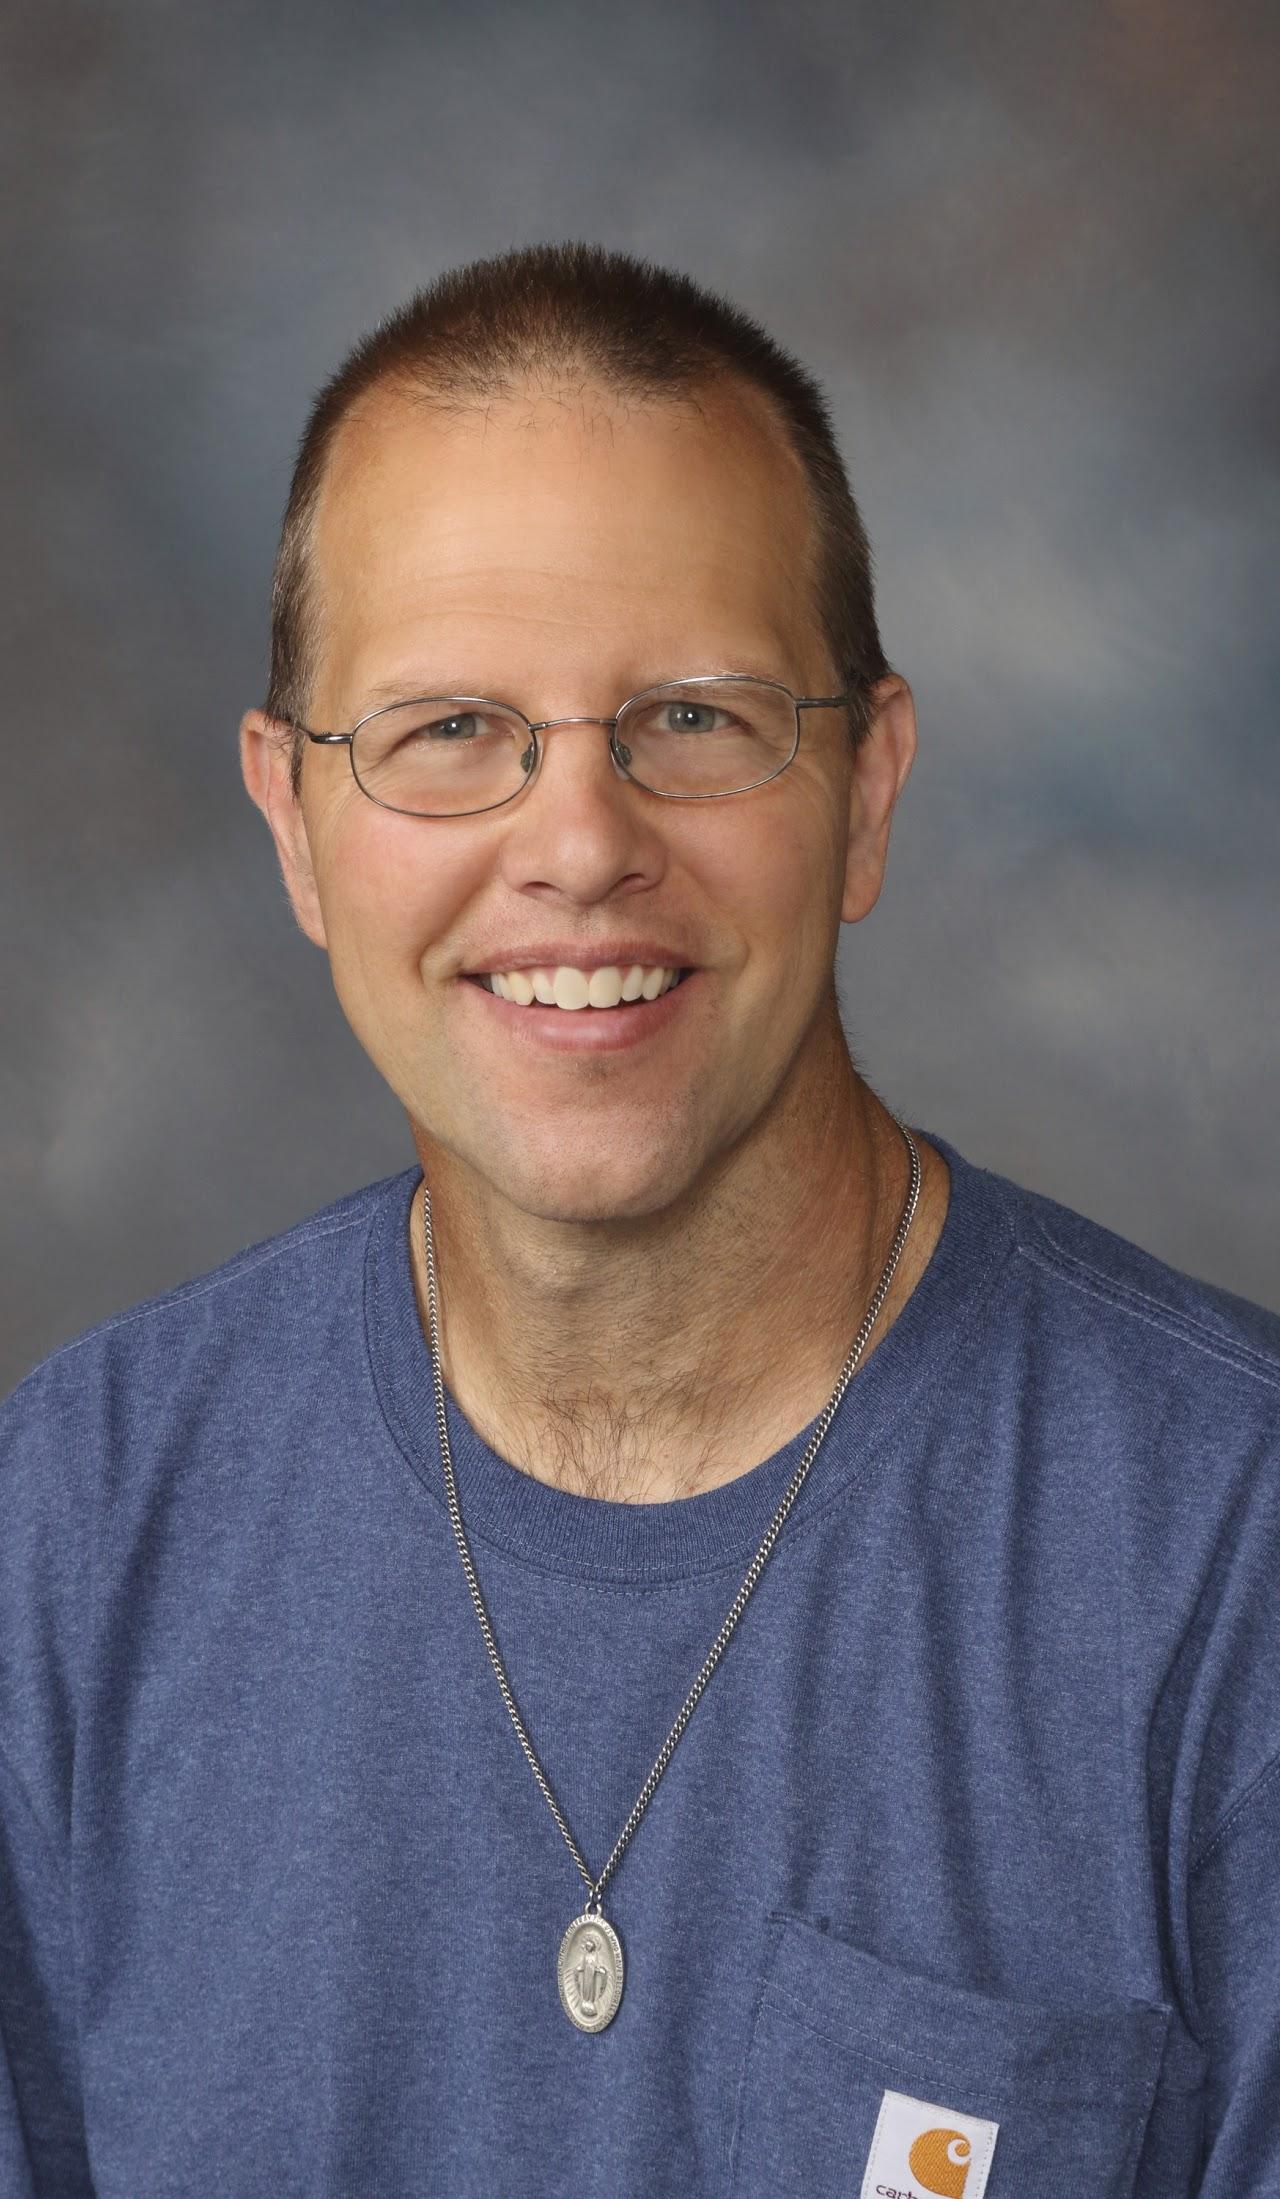 Deacon Nick Baus